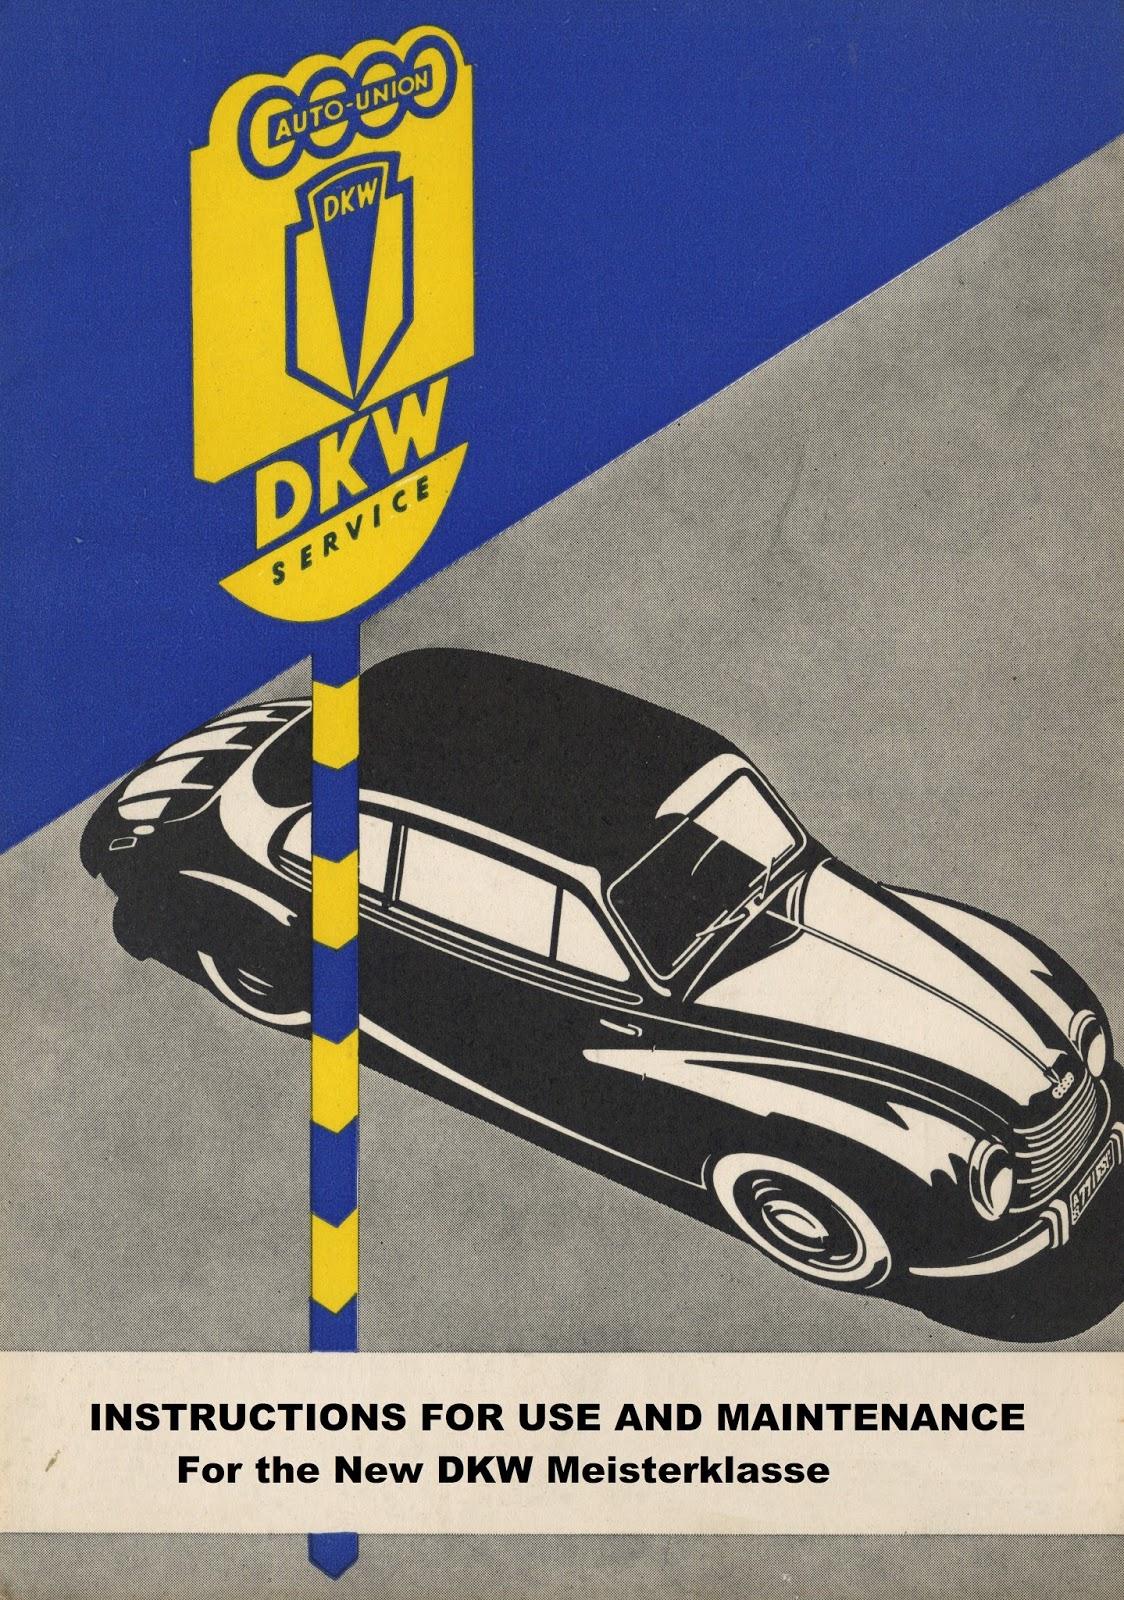 DKW F89P New Meisterklasse driver manual